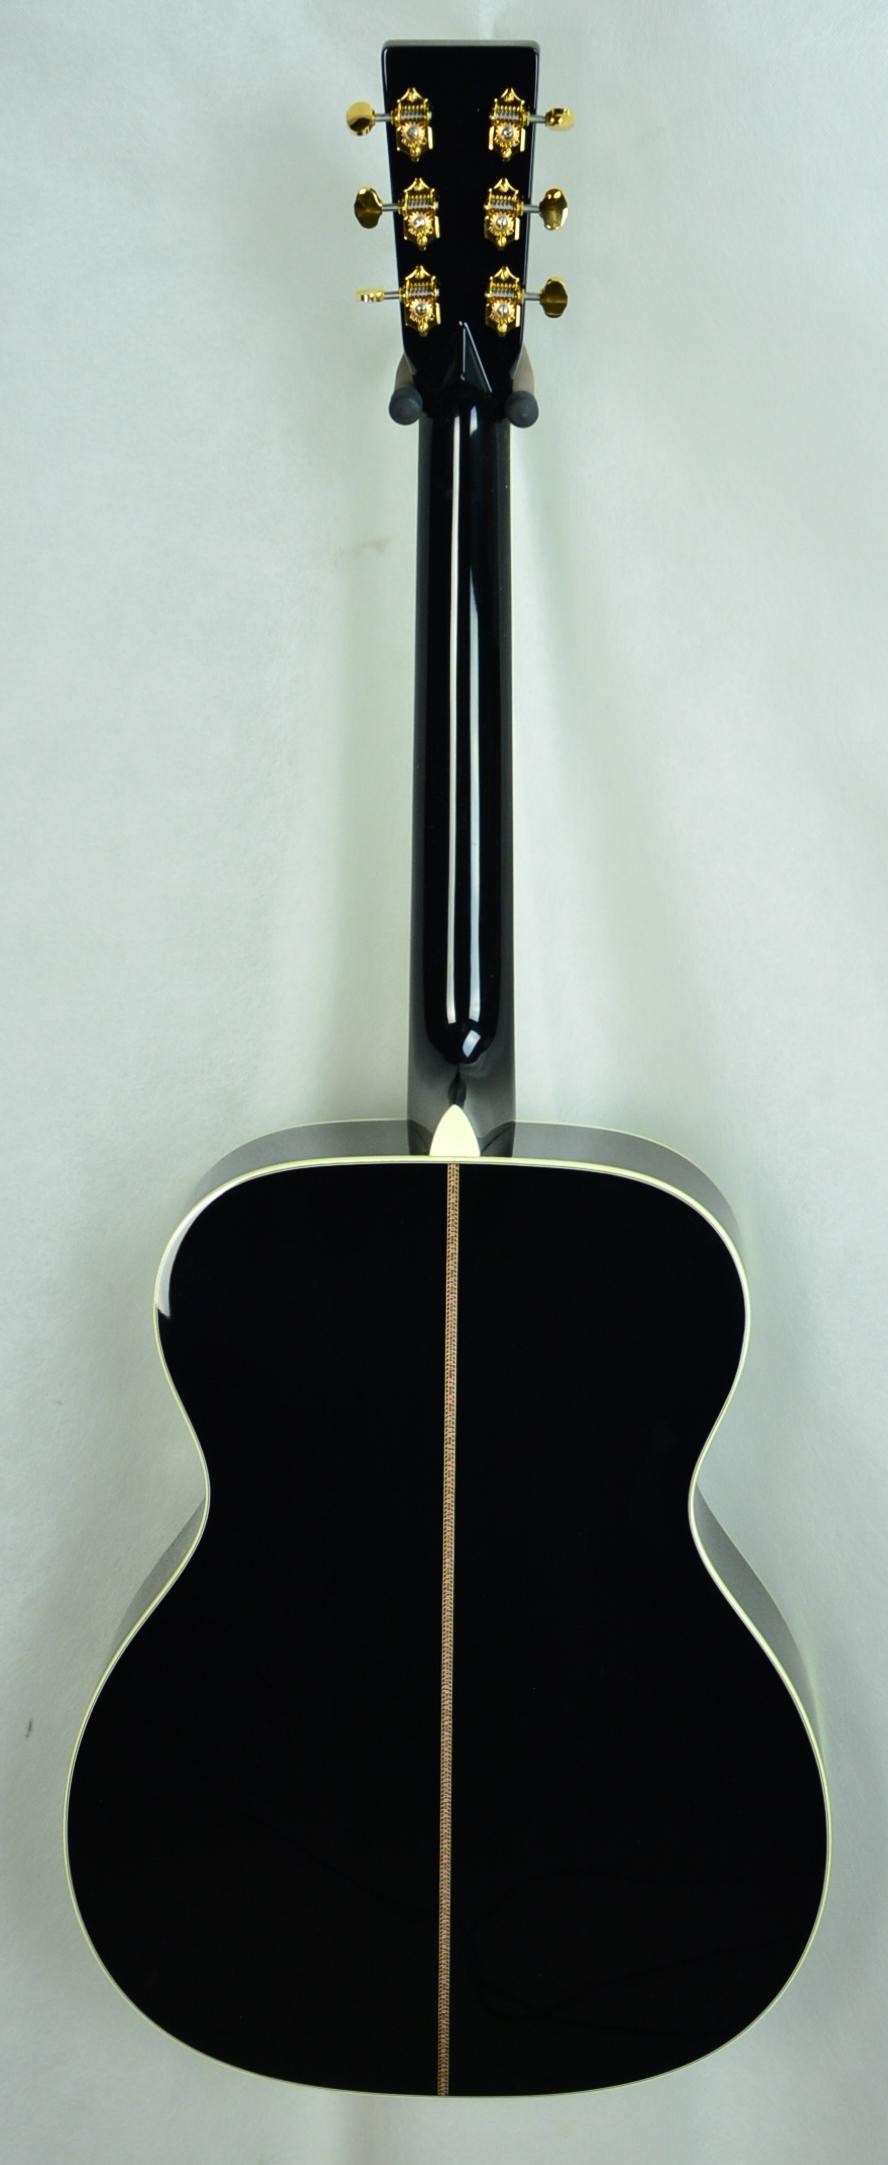 Q-2408924 S-1830635 OM-42 Black (5).JPG